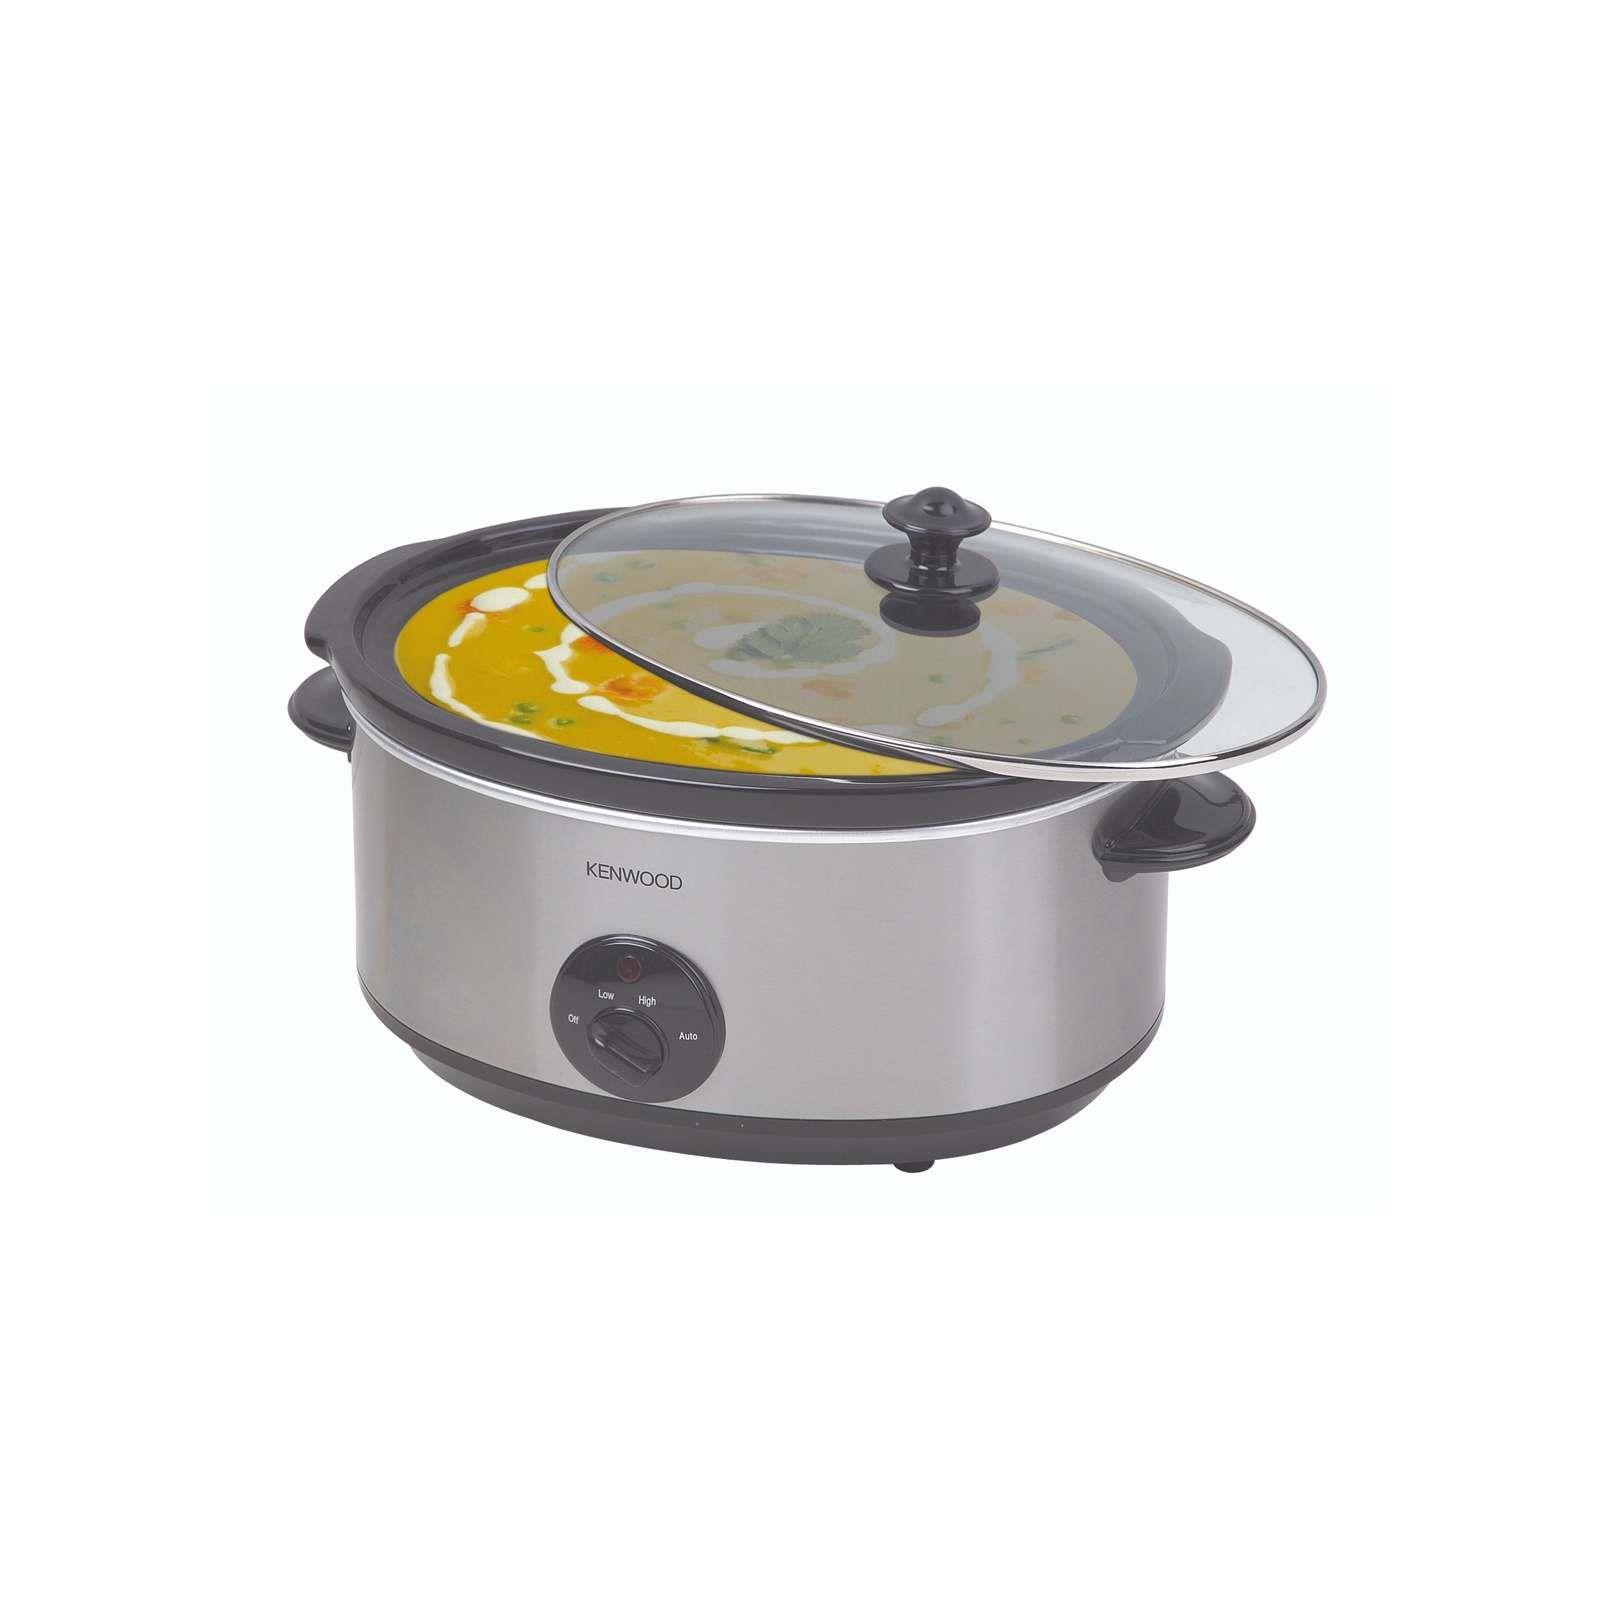 kenwood cp657 slow cooker manual